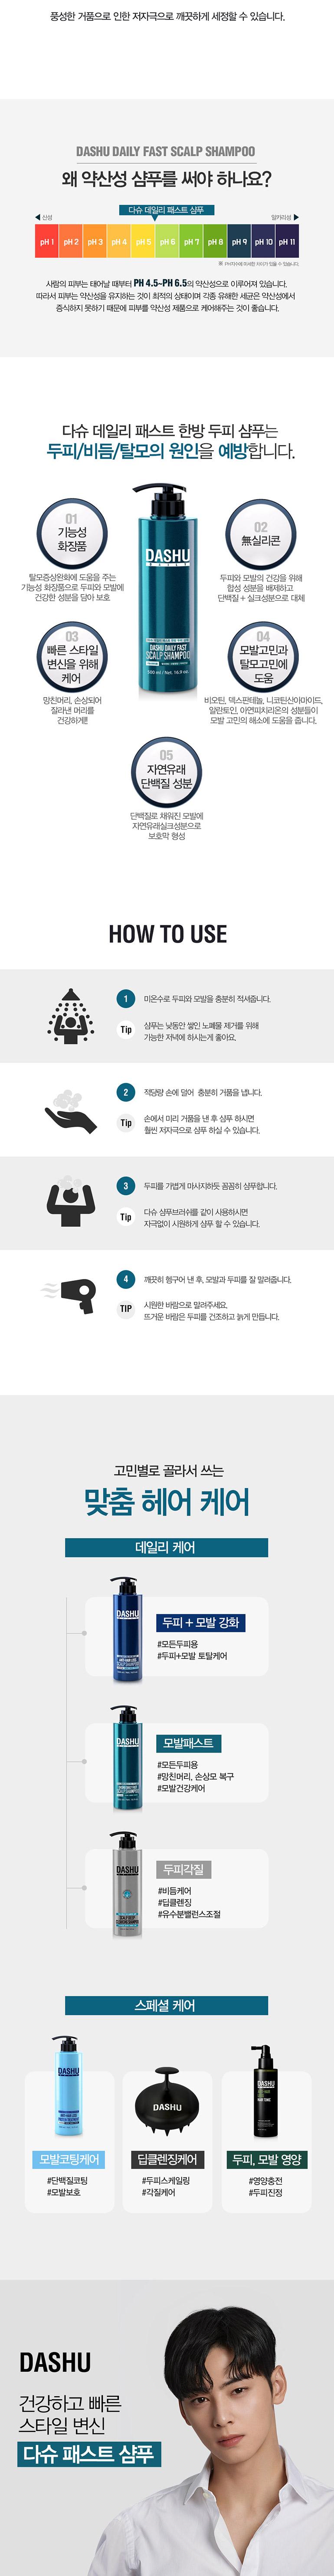 [류준열 샴푸] 다슈 데일리 패스트 샴푸 500ml - 다슈, 15,000원, 헤어케어, 샴푸/린스